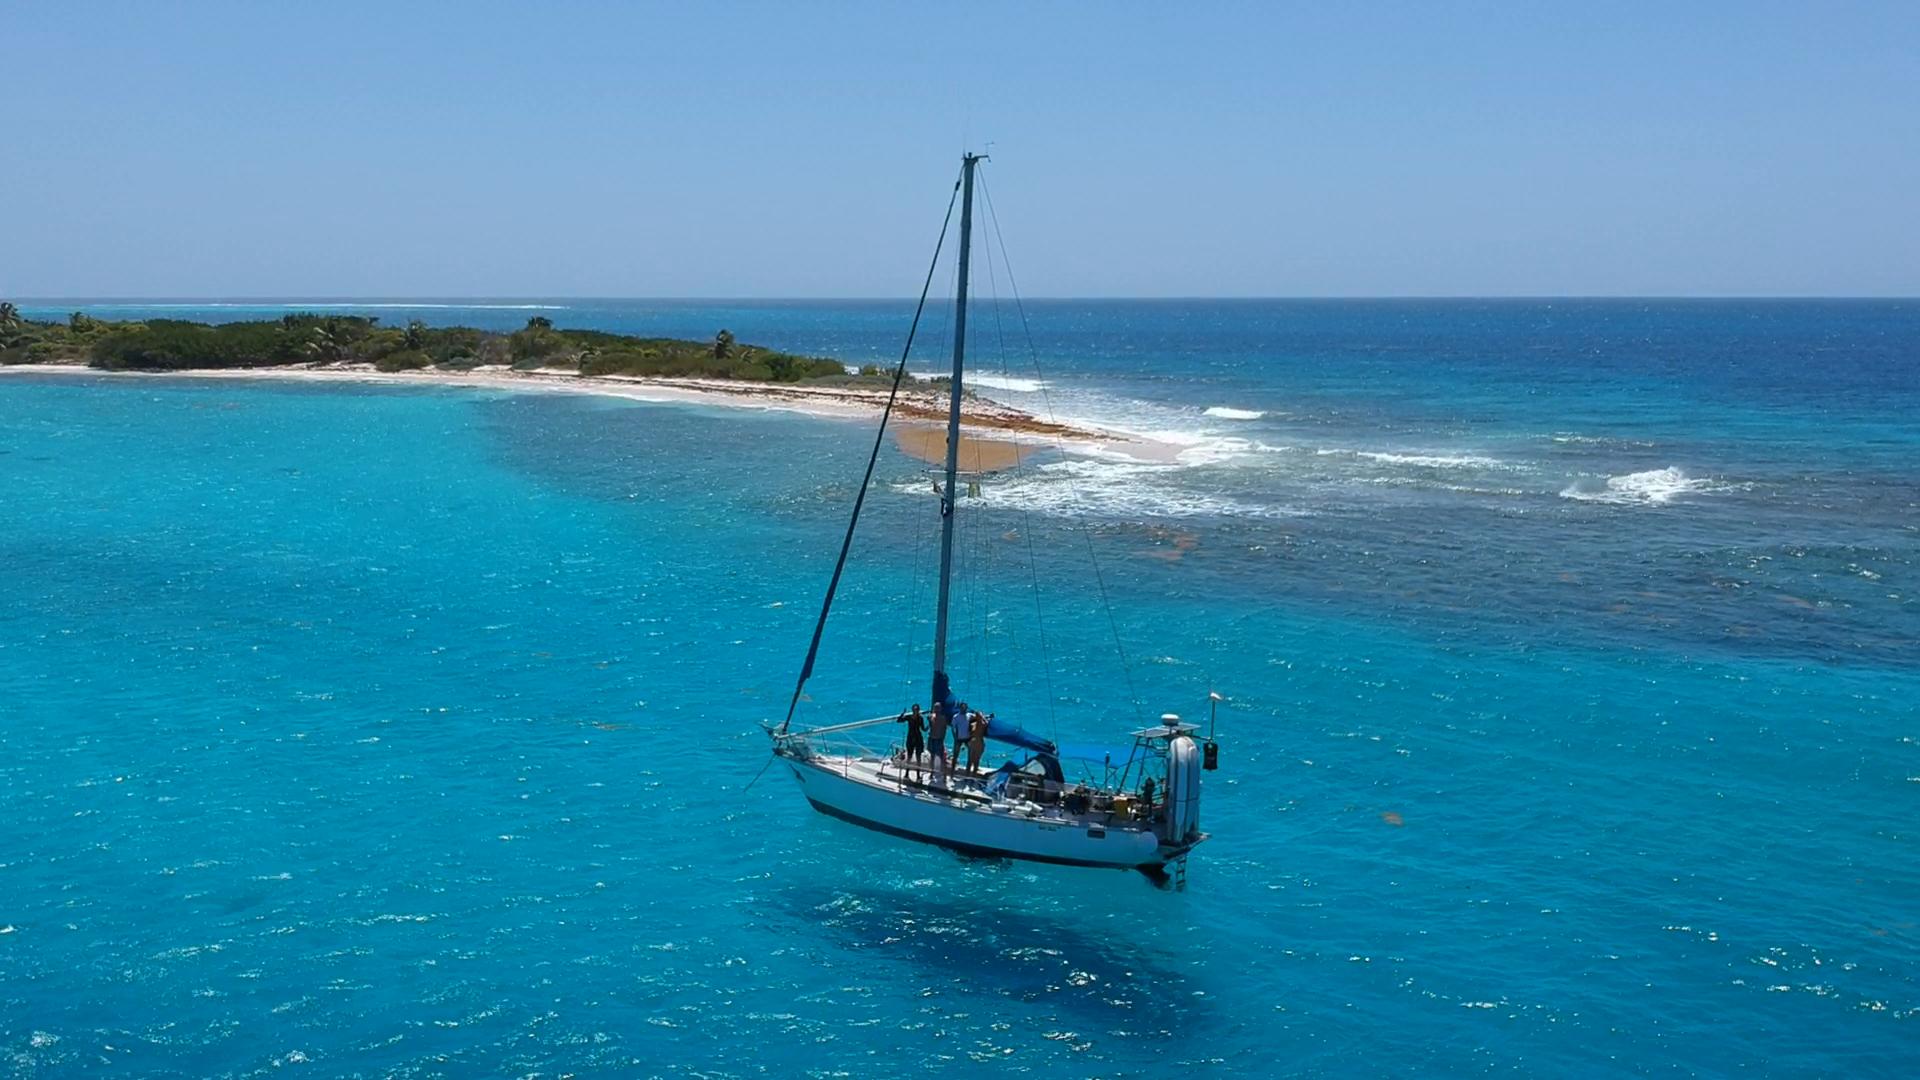 Sailing Serenity